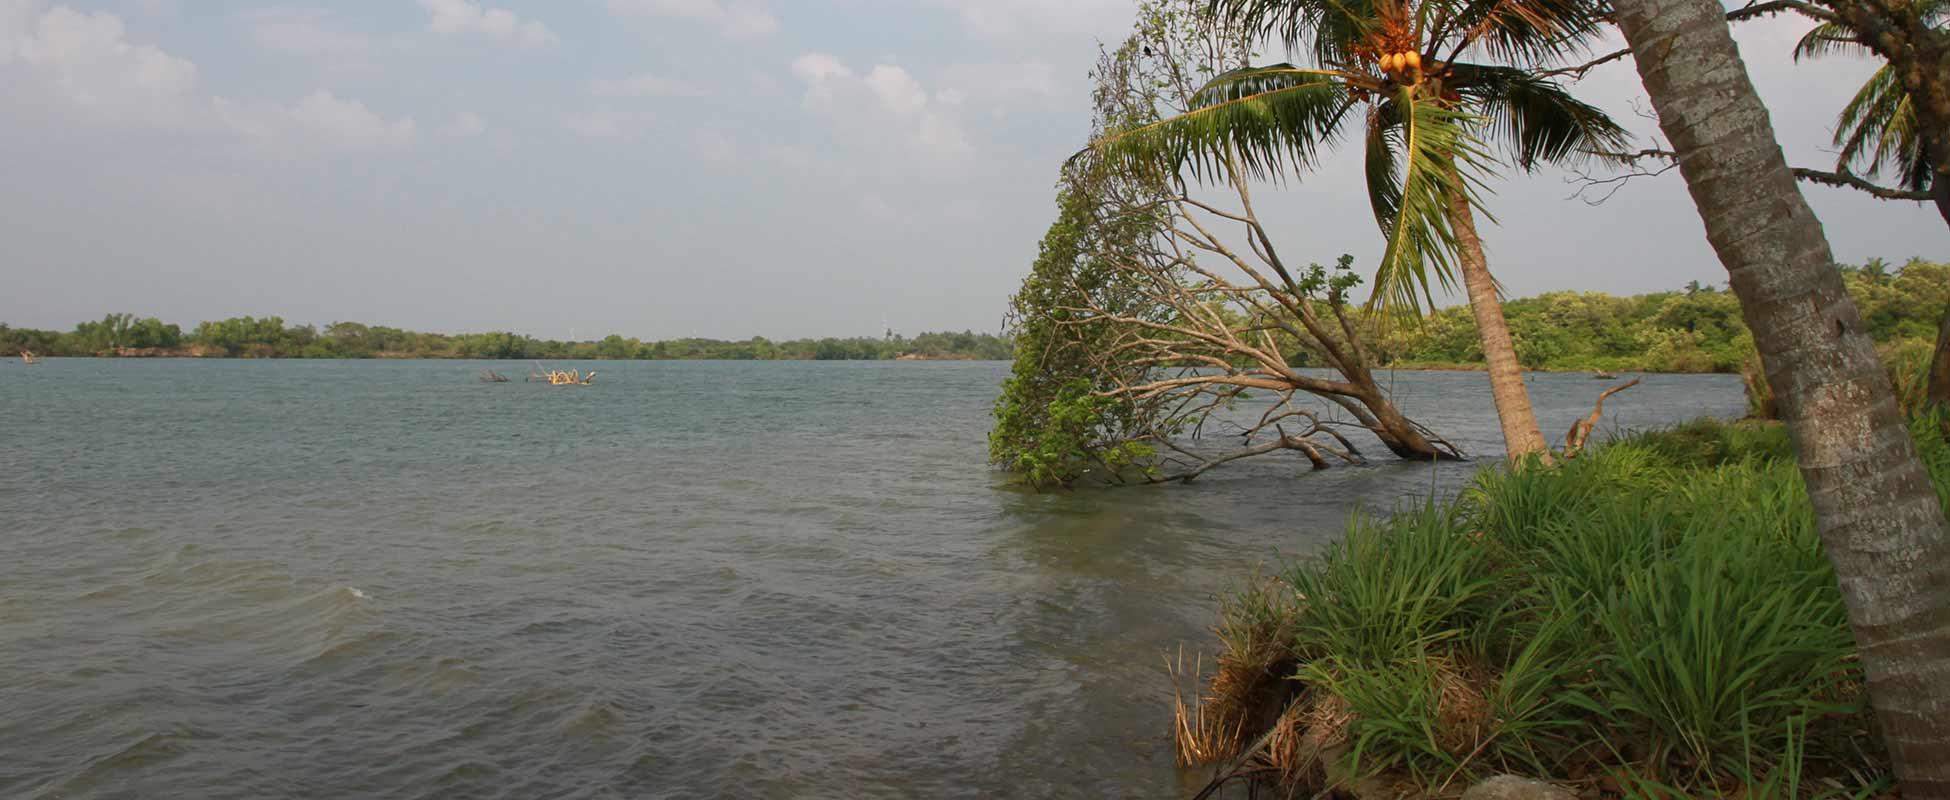 Chilaw Sri Lanka  City pictures : Sri Lanka | Bootsfahrt auf der Lagune von Chilaw ≈